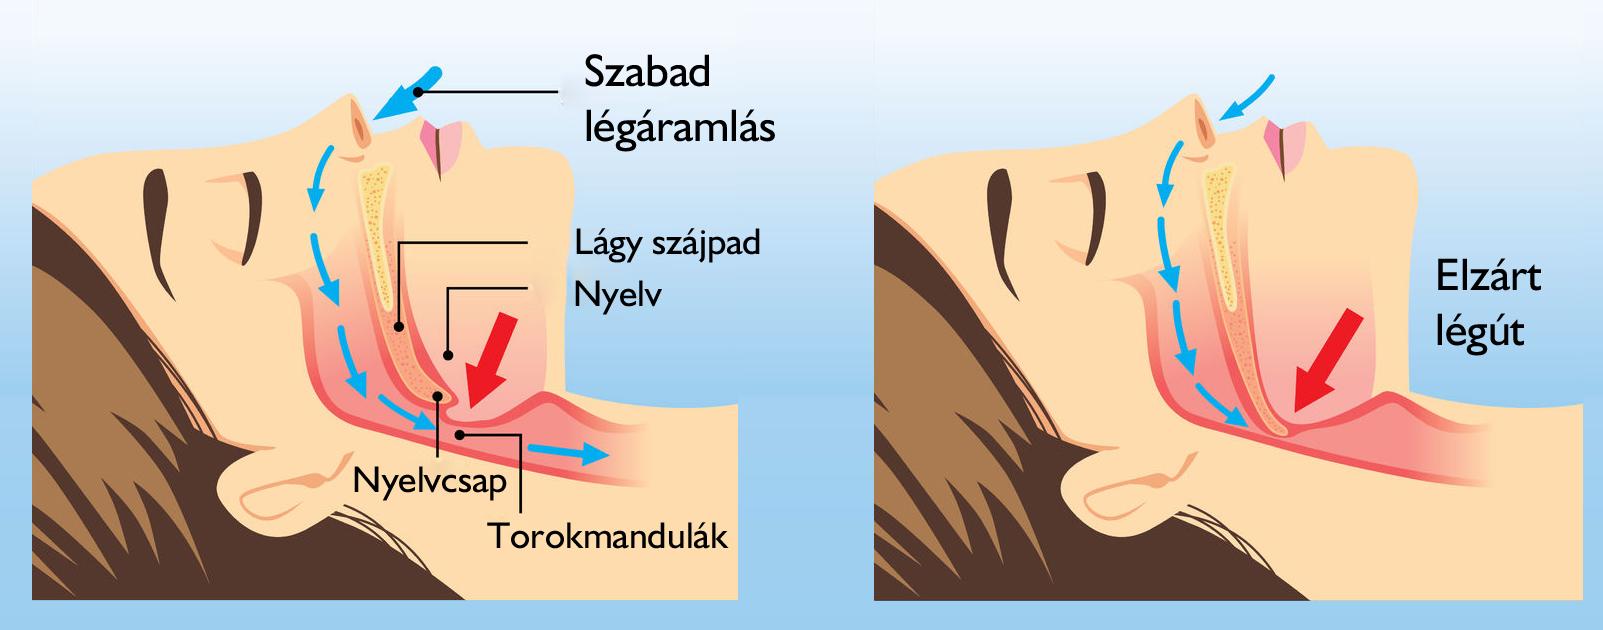 Végre! Itt az alvópózok rangsora